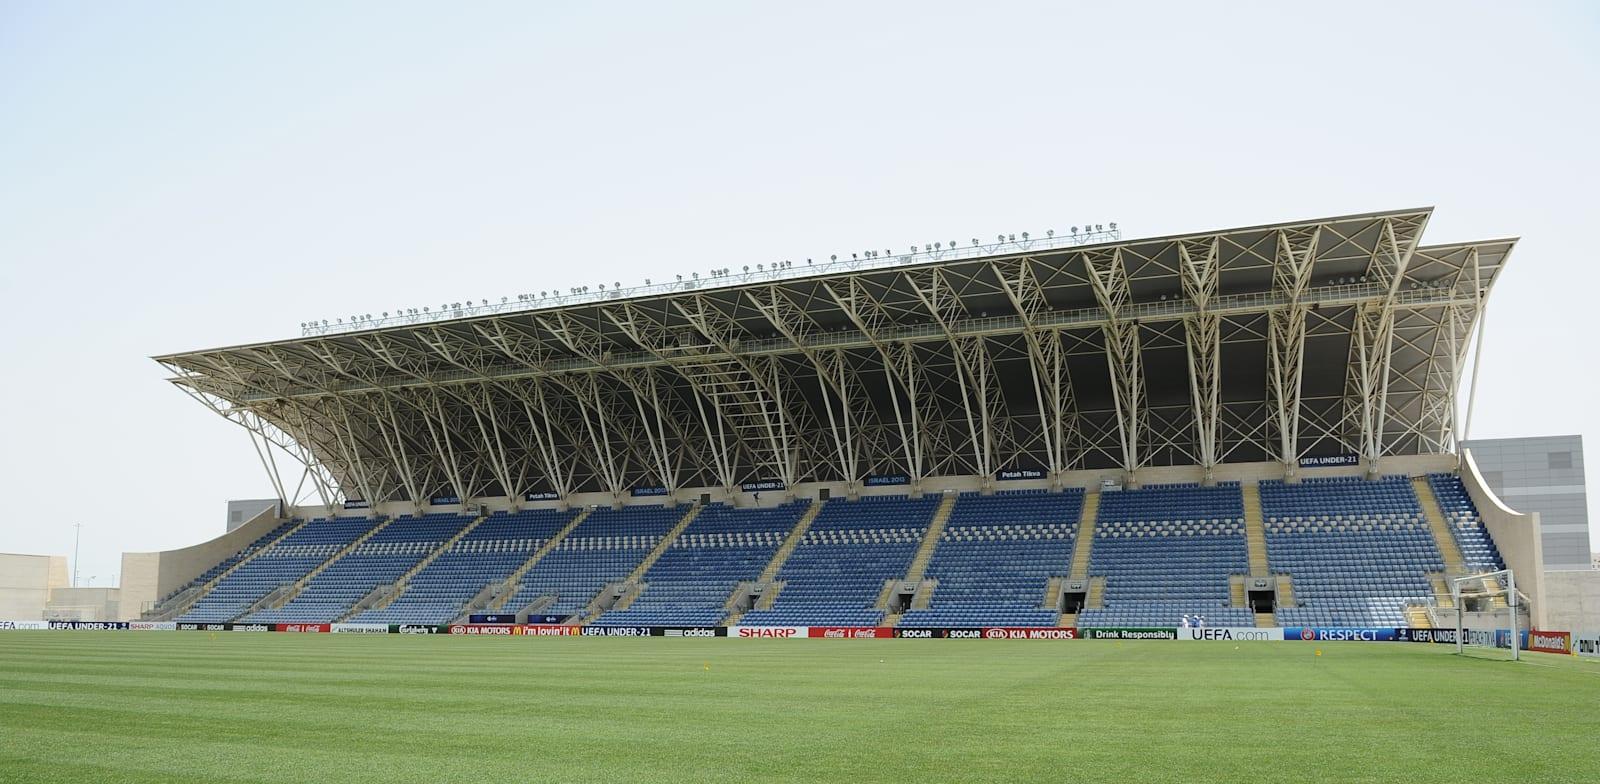 Shlomo Insurance Stadium Petah Tikva Photo: Tamar Matsafi